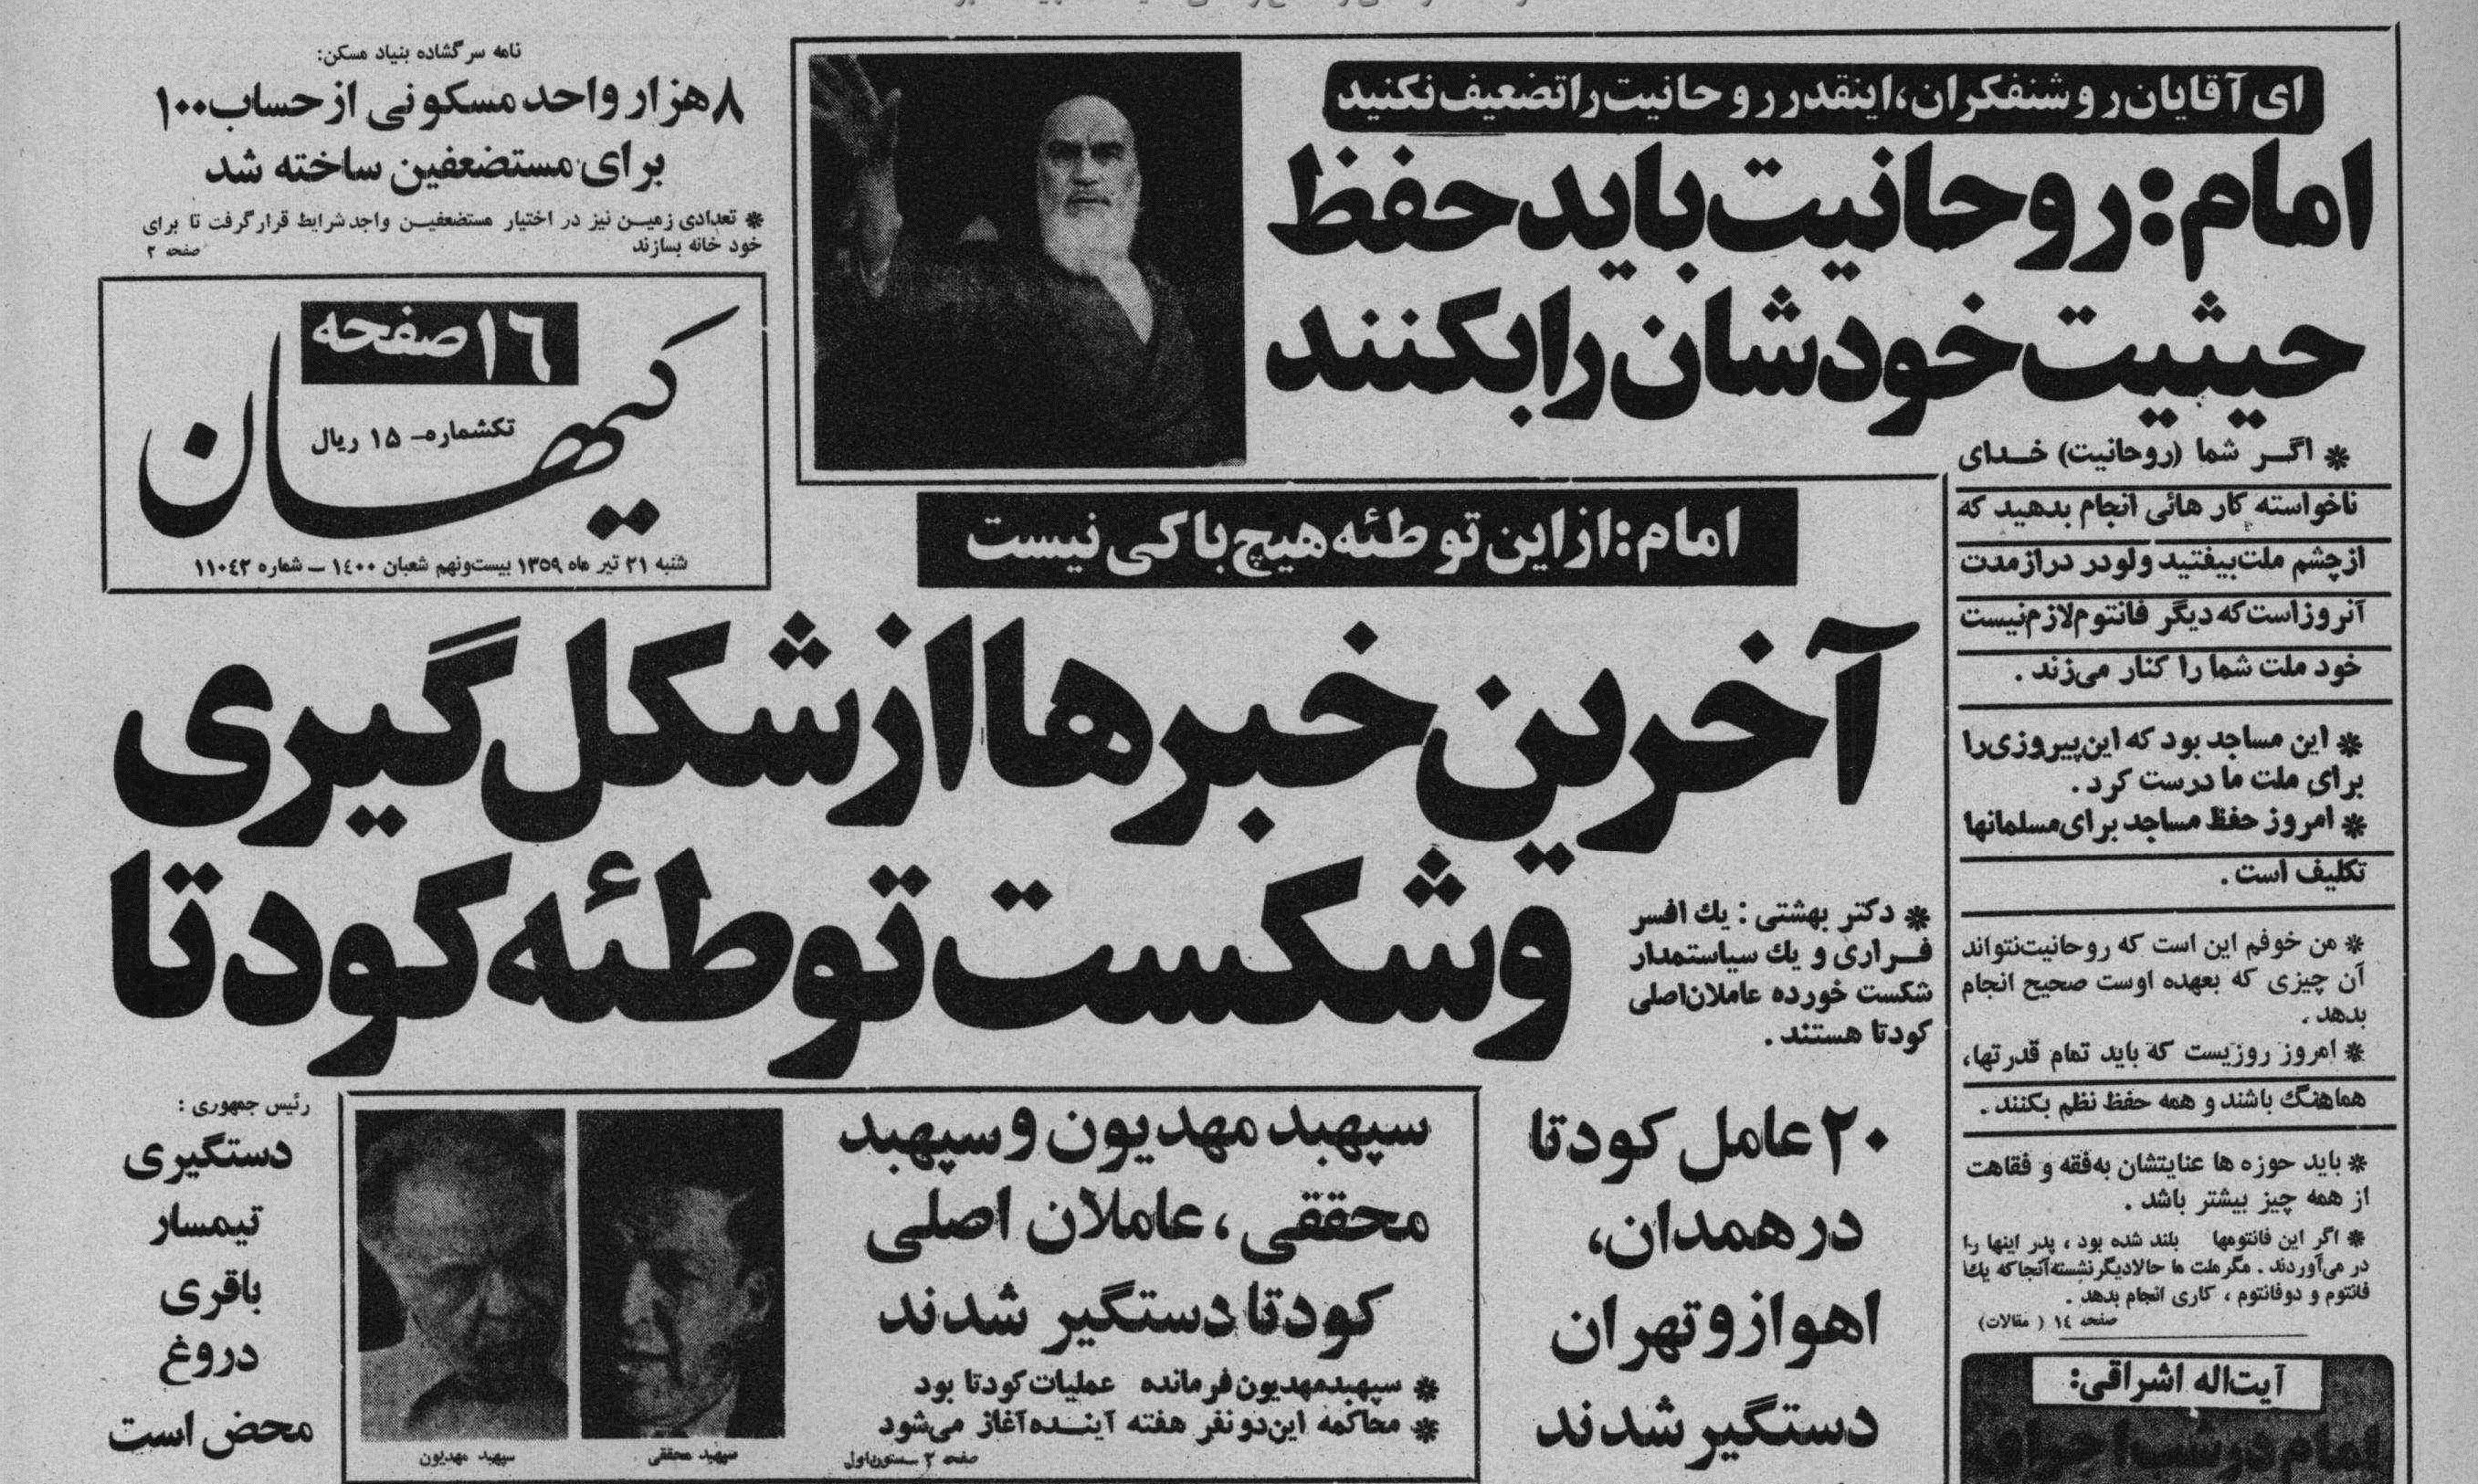 لیستی از شکستهای 40 سالهی امریکا در ایران